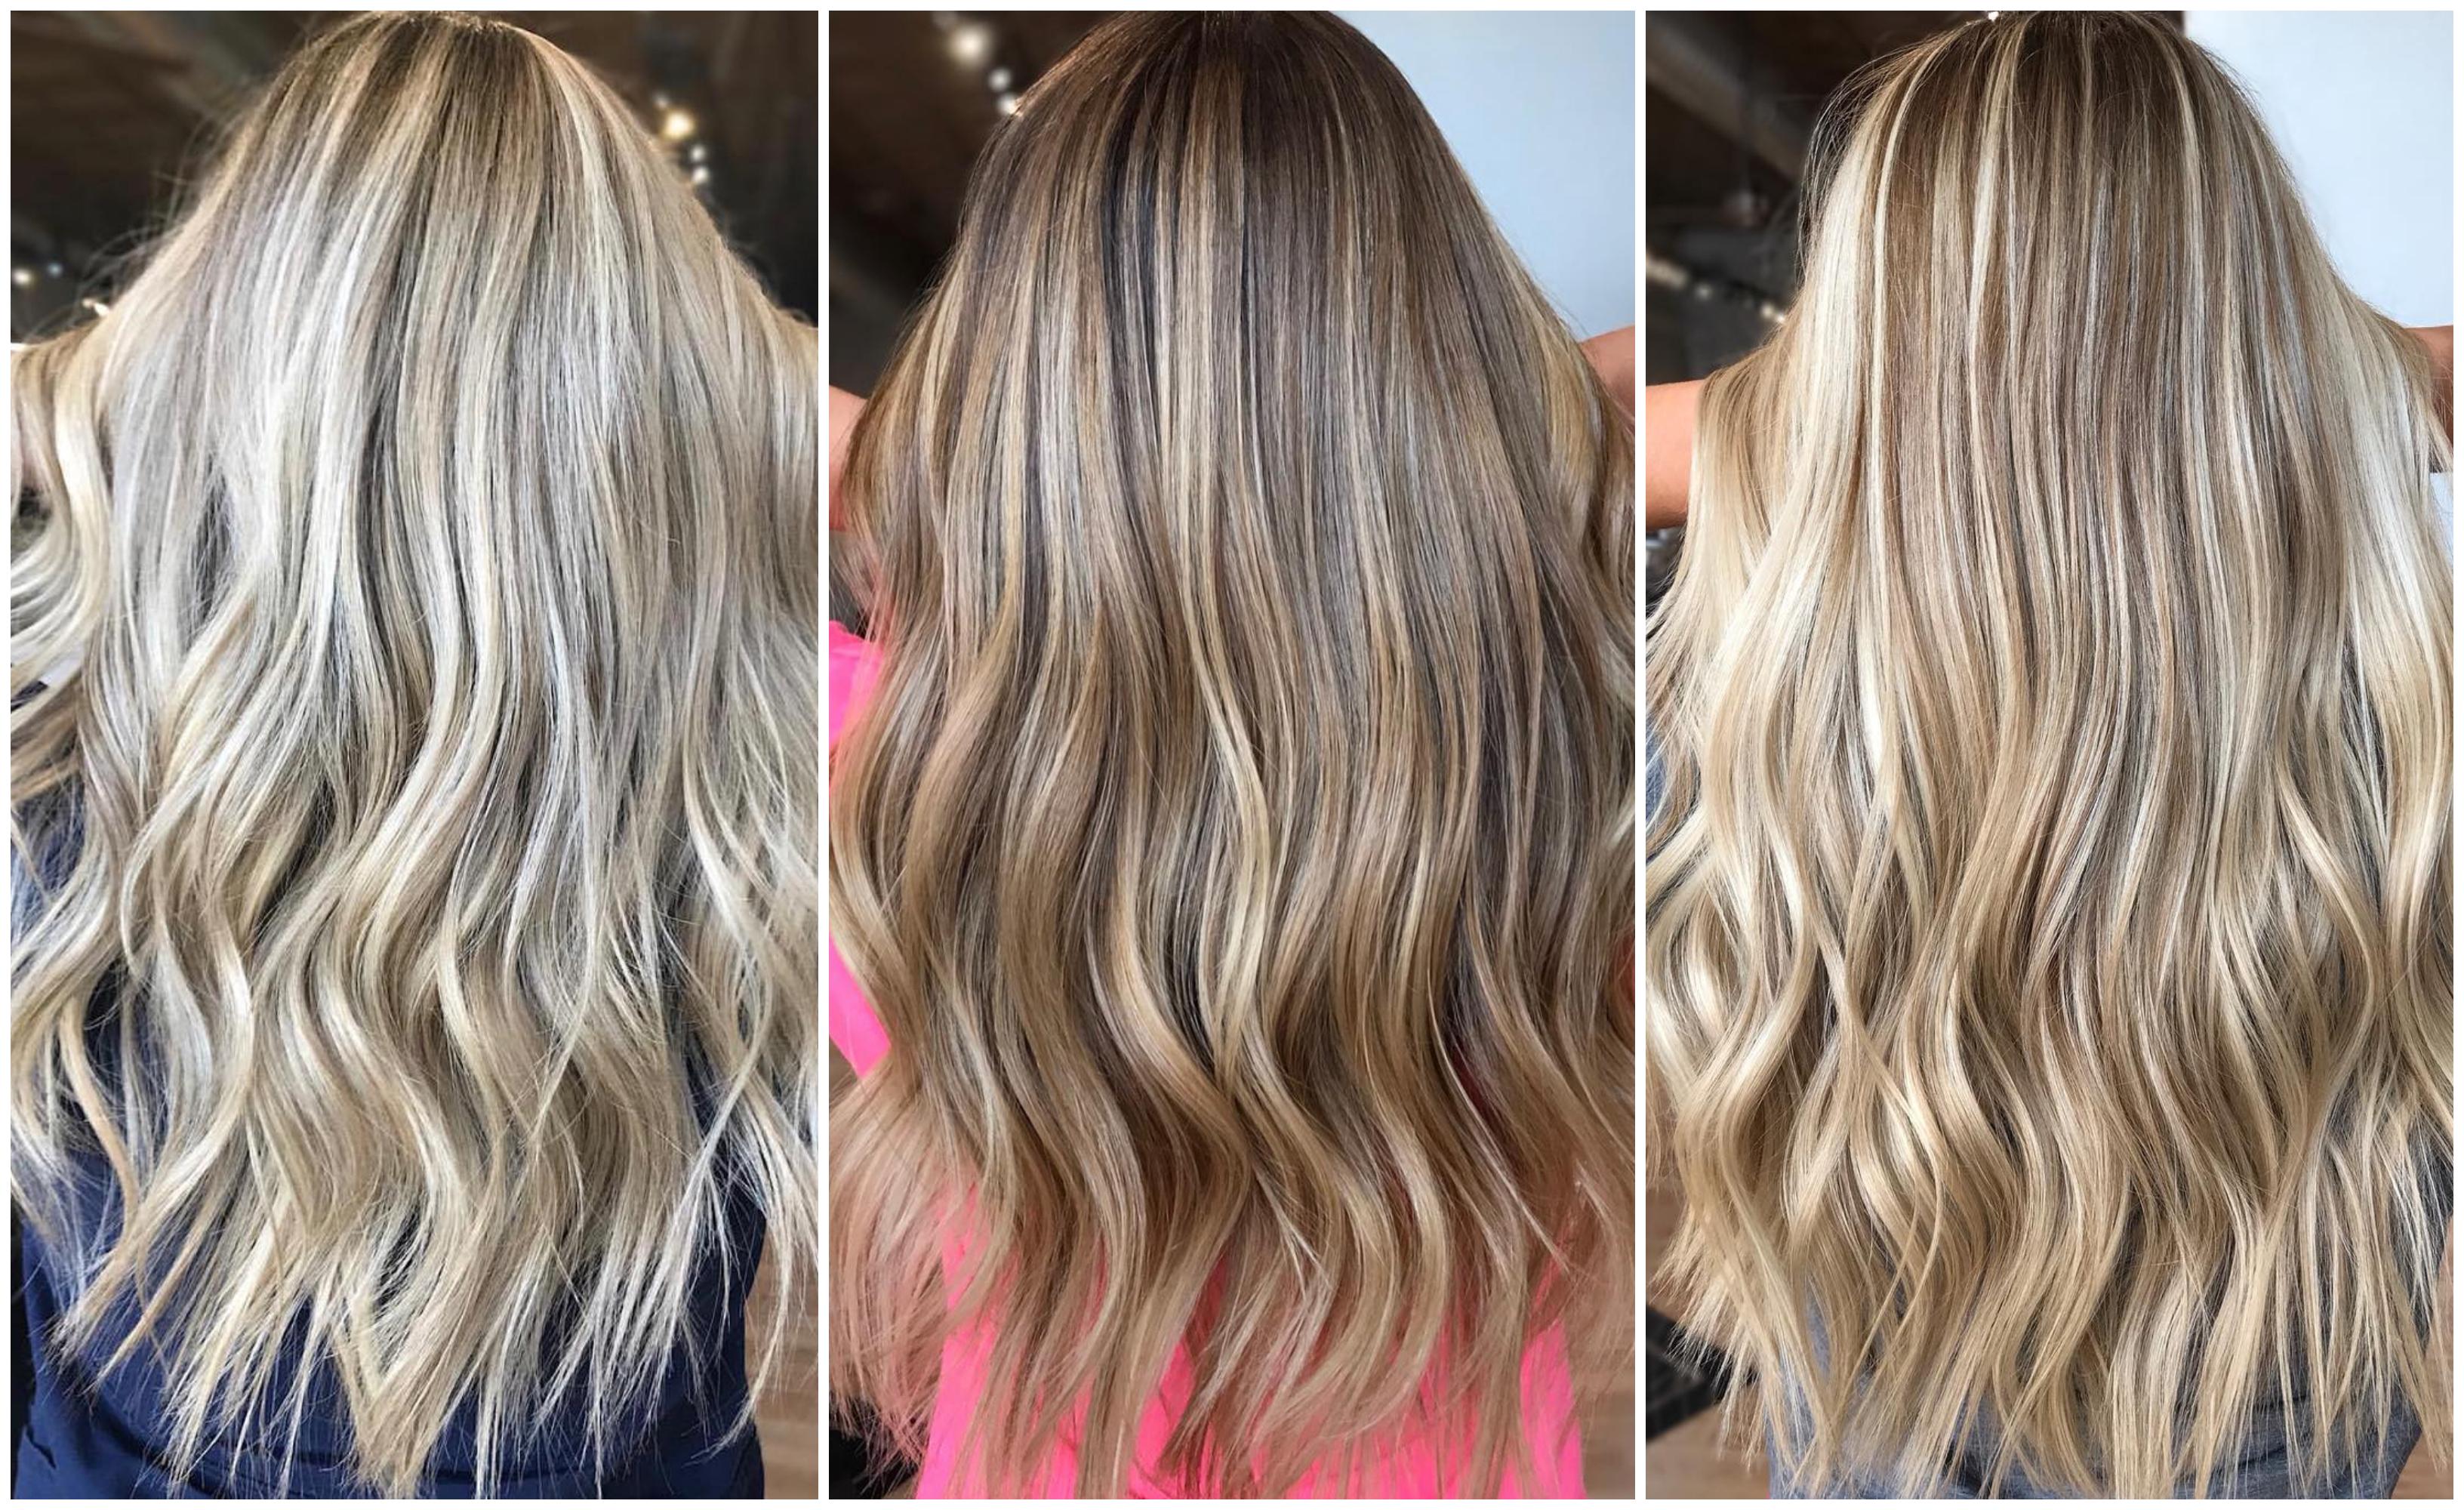 Foilyage Hair Color Technique